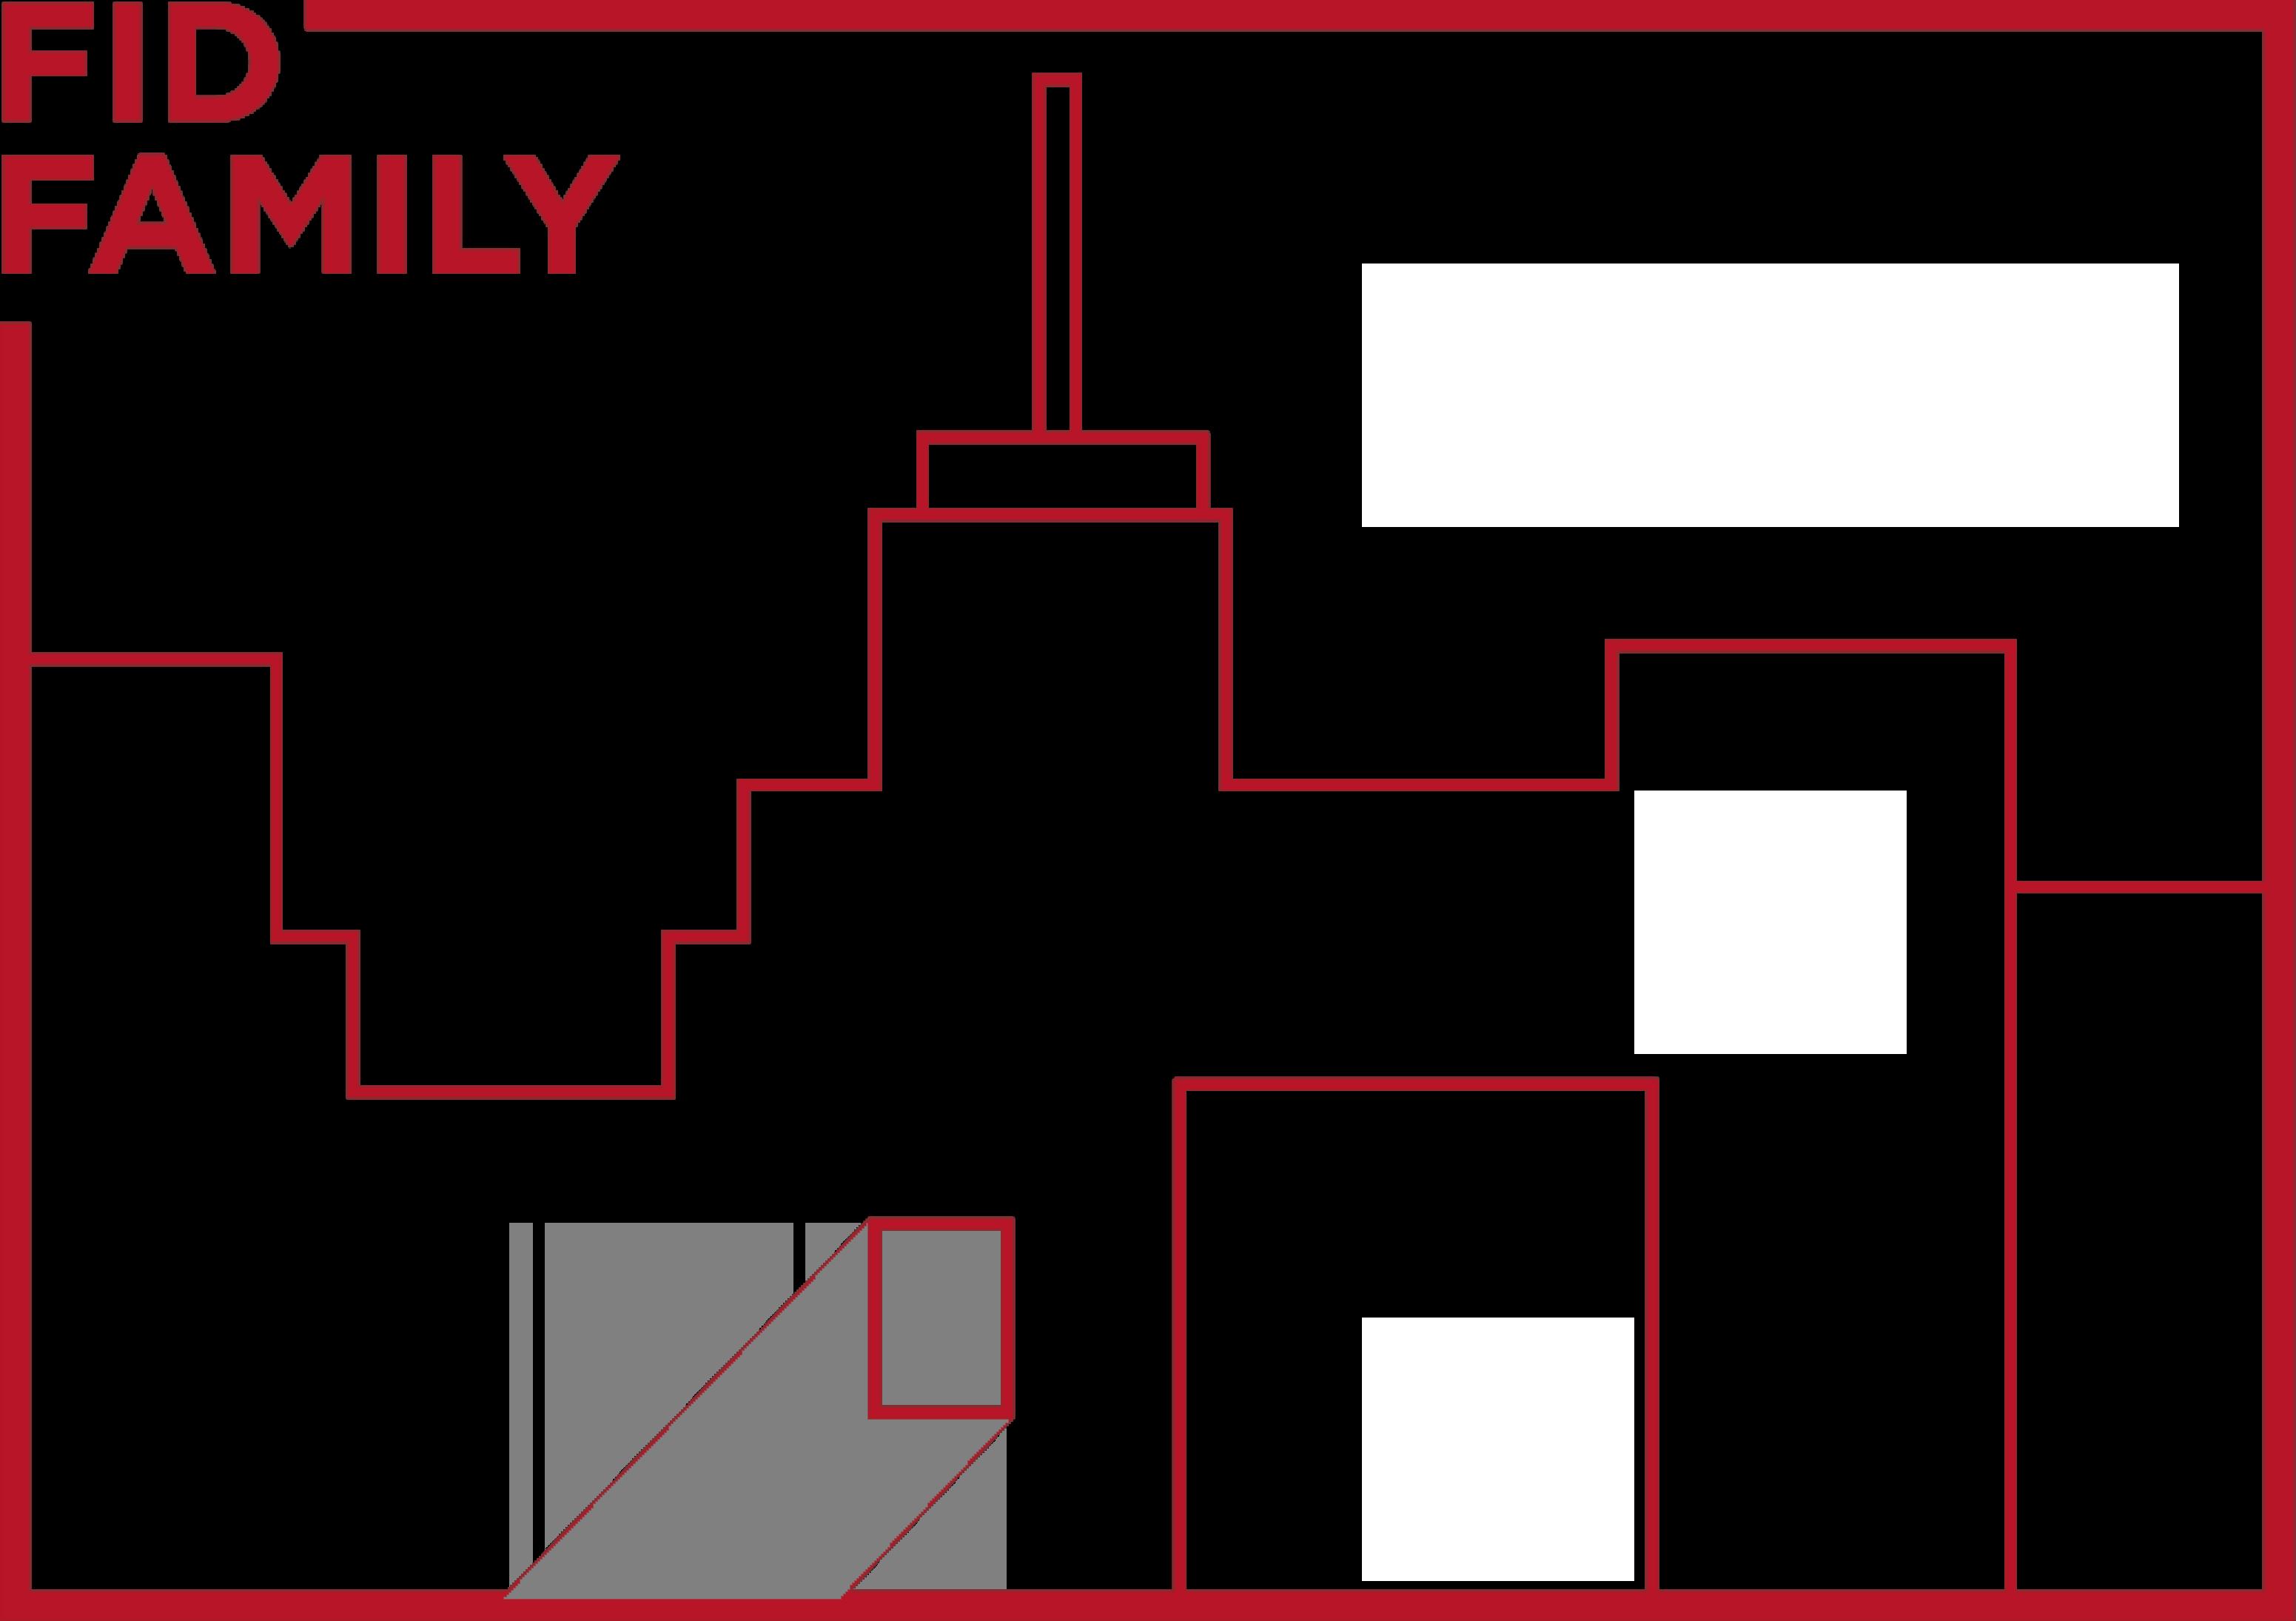 fidfamily